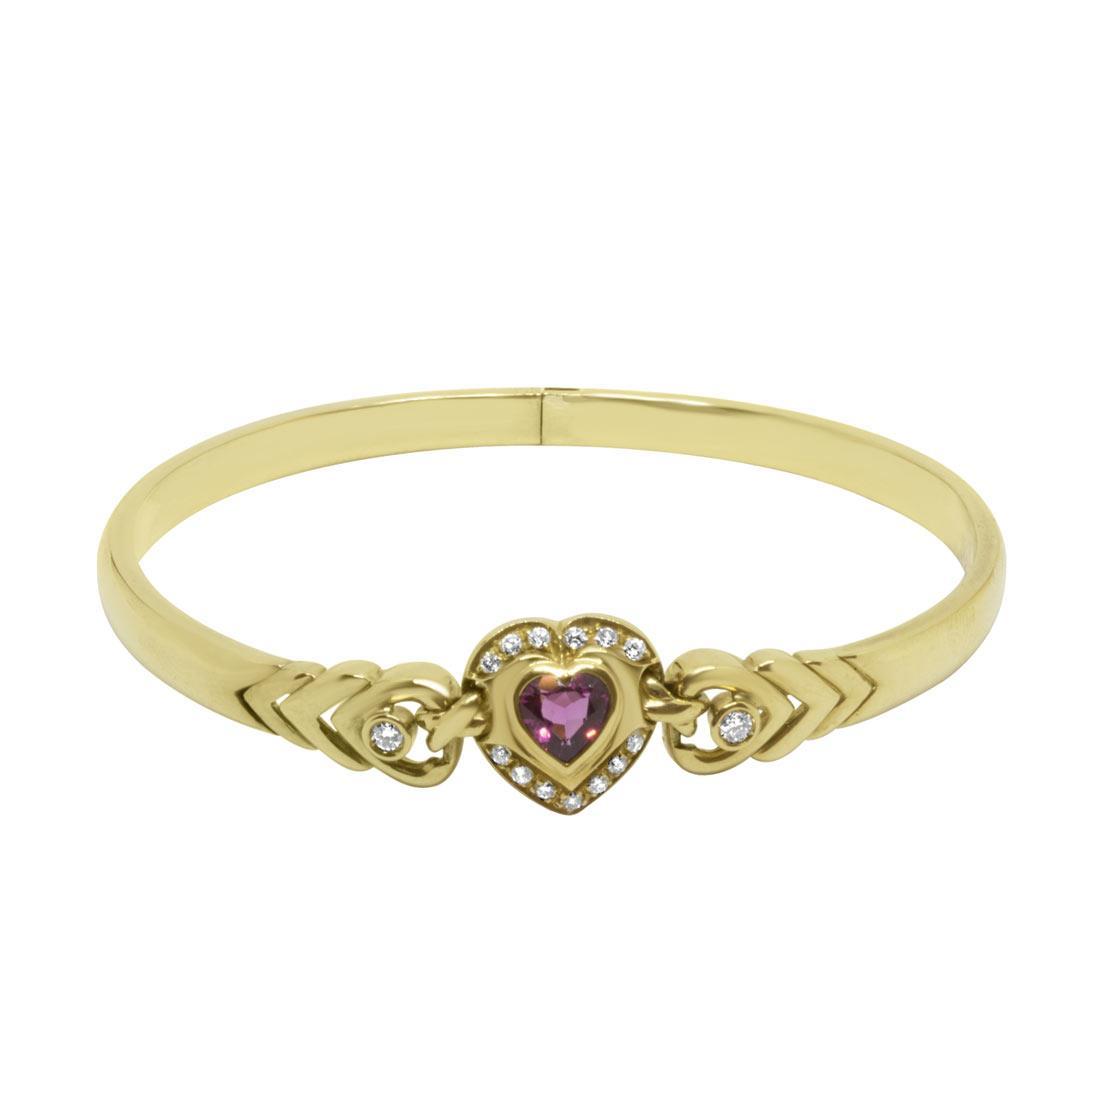 Bracciale rigido in oro giallo con diamanti e pietra rossa - ORO&CO